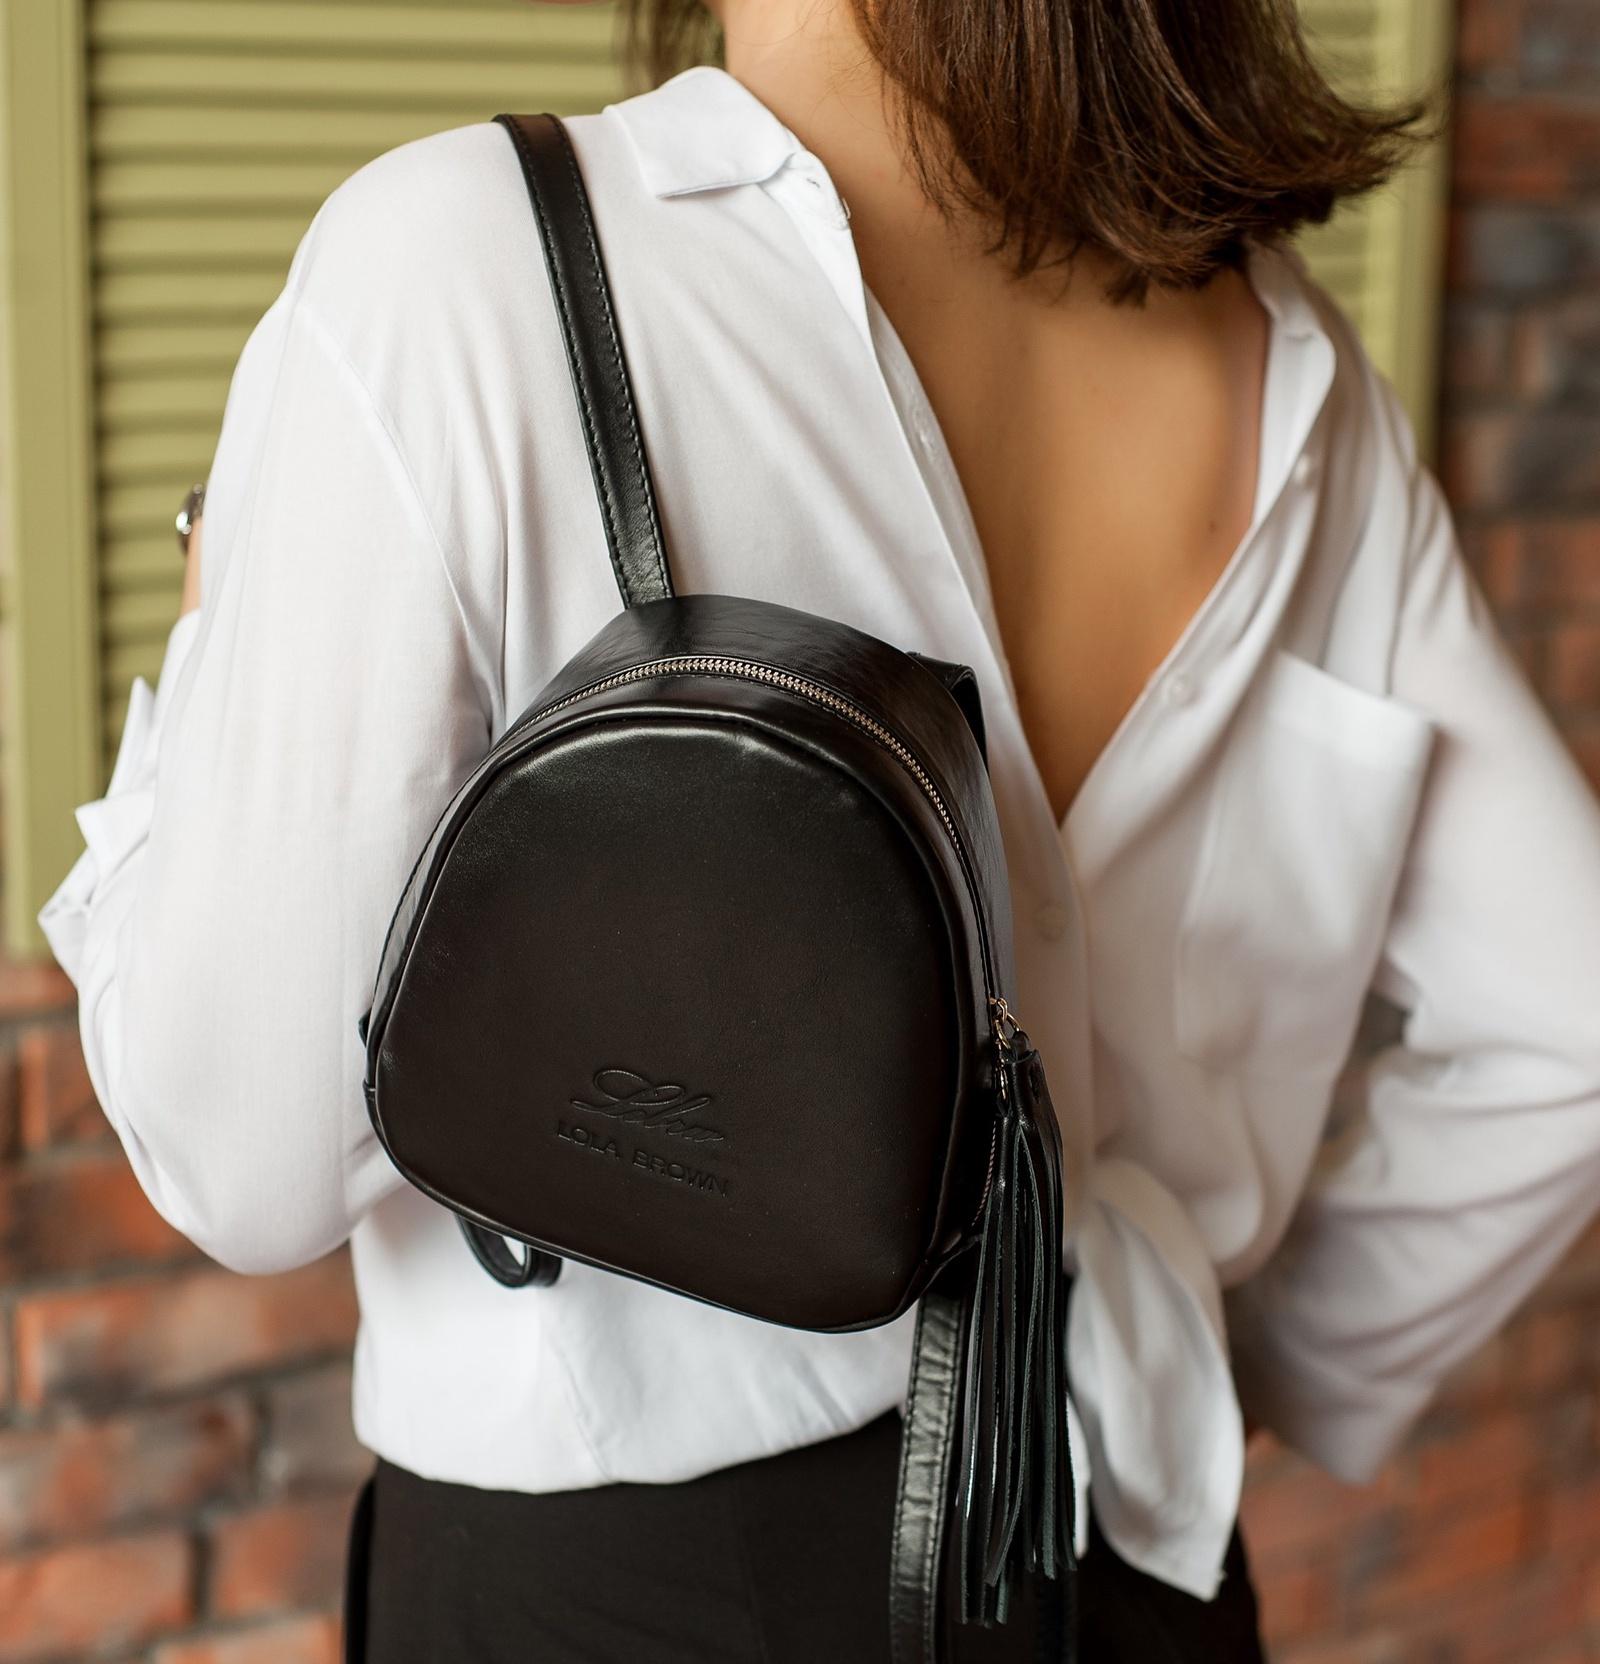 Рюкзак LOLA BROWN LB612, черный